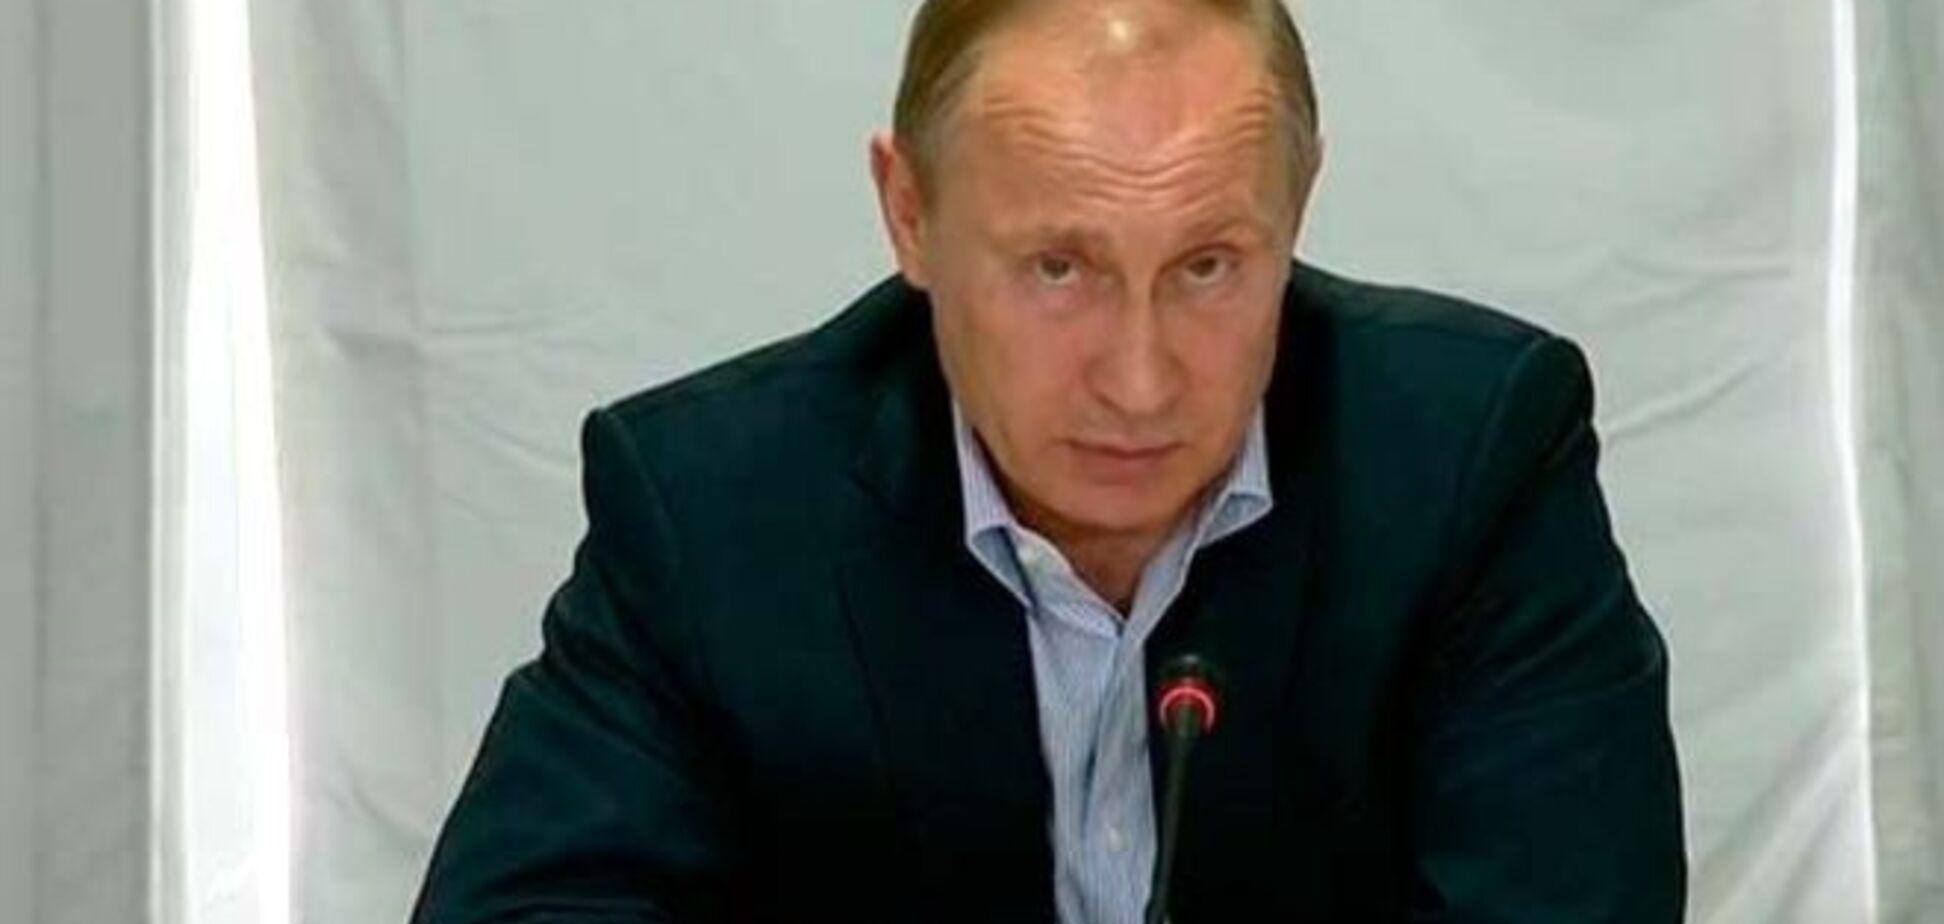 Путин спешно созвал Совбез из-за 'угроз безопасности России'